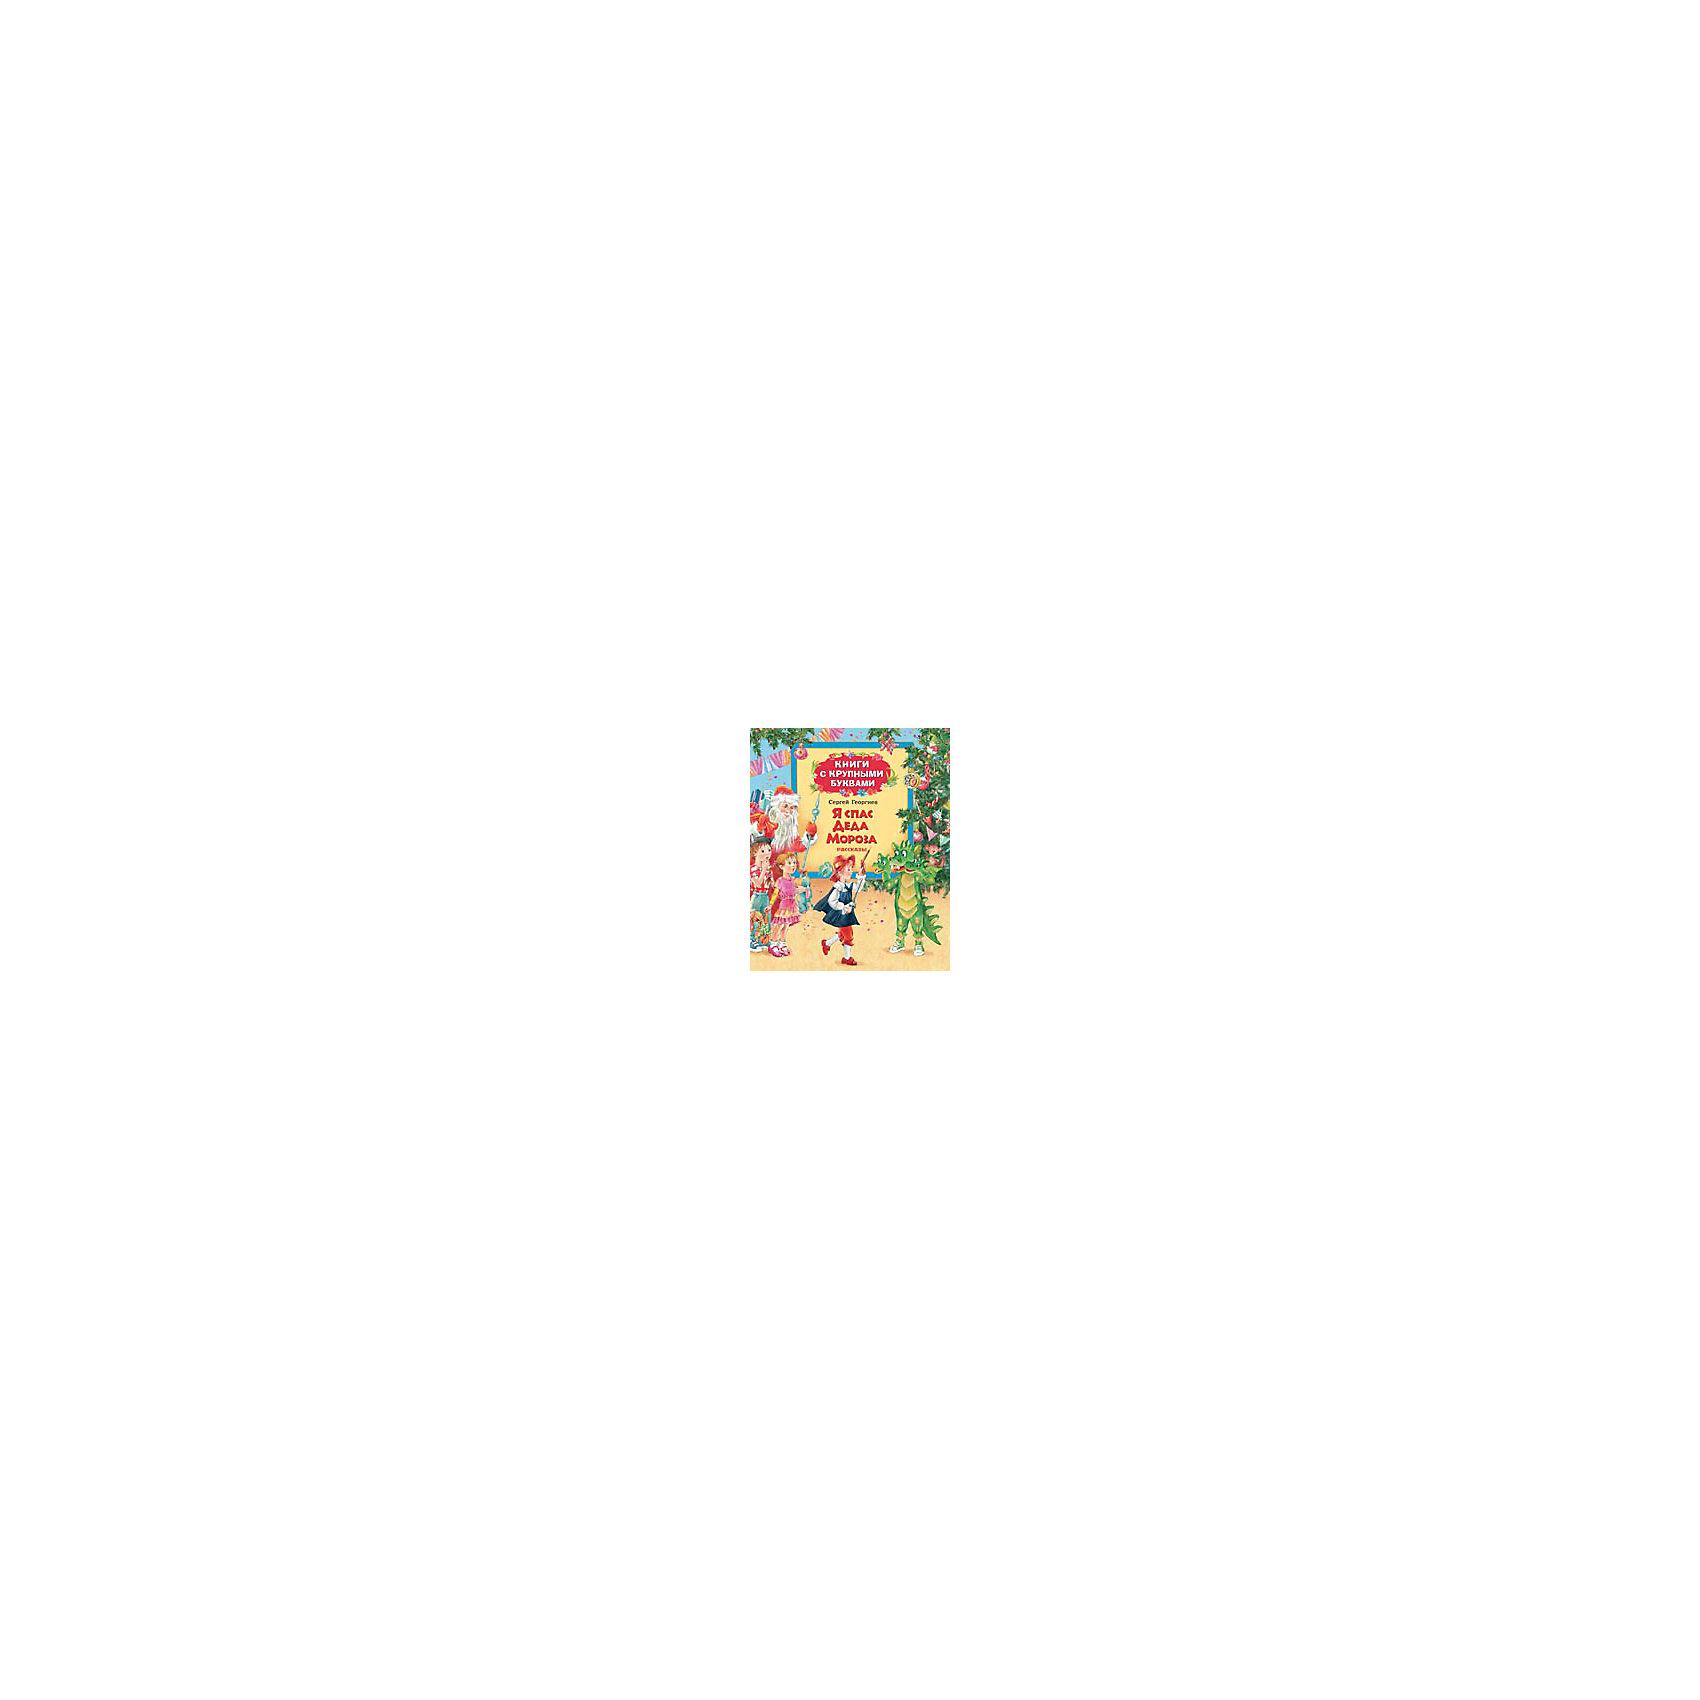 Я спас Деда Мороза, С. ГеоргиевКвадратные снежинки, живые снеговики, игра в снежки с жителями далекой Африки — каких только чудес не бывает под Новый год! В книге «Я спас Деда Мороза» вы найдете рассказы современного писателя Сергея Георгиева о новогодних чудесах, зимних играх и о многом другом. Рассказы Сергея Георгиева входят в программу для чтения в детских садах и рекомендованы для развития навыков чтения. &#13;<br>«Книги с крупными буквами» - это специально разработанная серия для детей, которые только начинают учиться читать. Крупный шрифт и давно знакомые произведения помогут детям легко и быстро складывать слоги в слова, составлять предложения и понимать прочитанное. &#13;<br>Иллюстрации Е. Комраковой.<br><br>Ширина мм: 242<br>Глубина мм: 205<br>Высота мм: 7<br>Вес г: 271<br>Возраст от месяцев: 36<br>Возраст до месяцев: 60<br>Пол: Унисекс<br>Возраст: Детский<br>SKU: 5016324